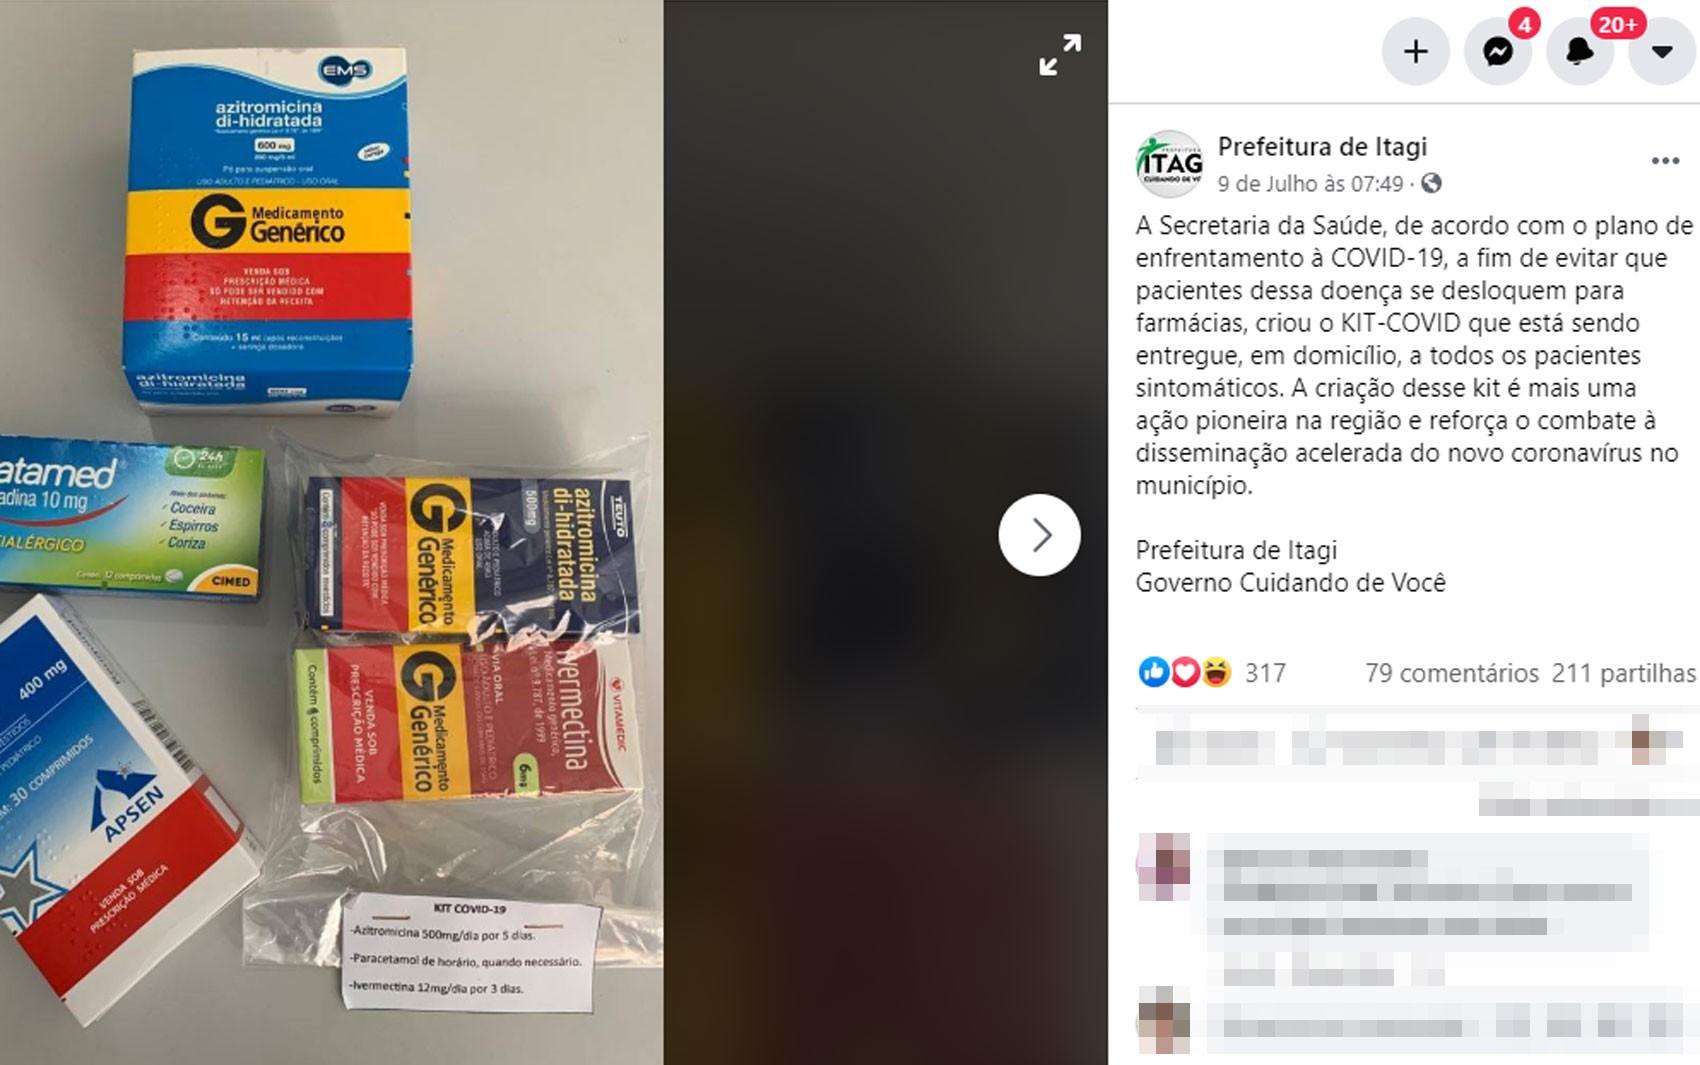 Secretaria de cidade na BA cria 'Kit Covid' com remédios para pessoas sintomáticas e diz que entrega é à domicílio